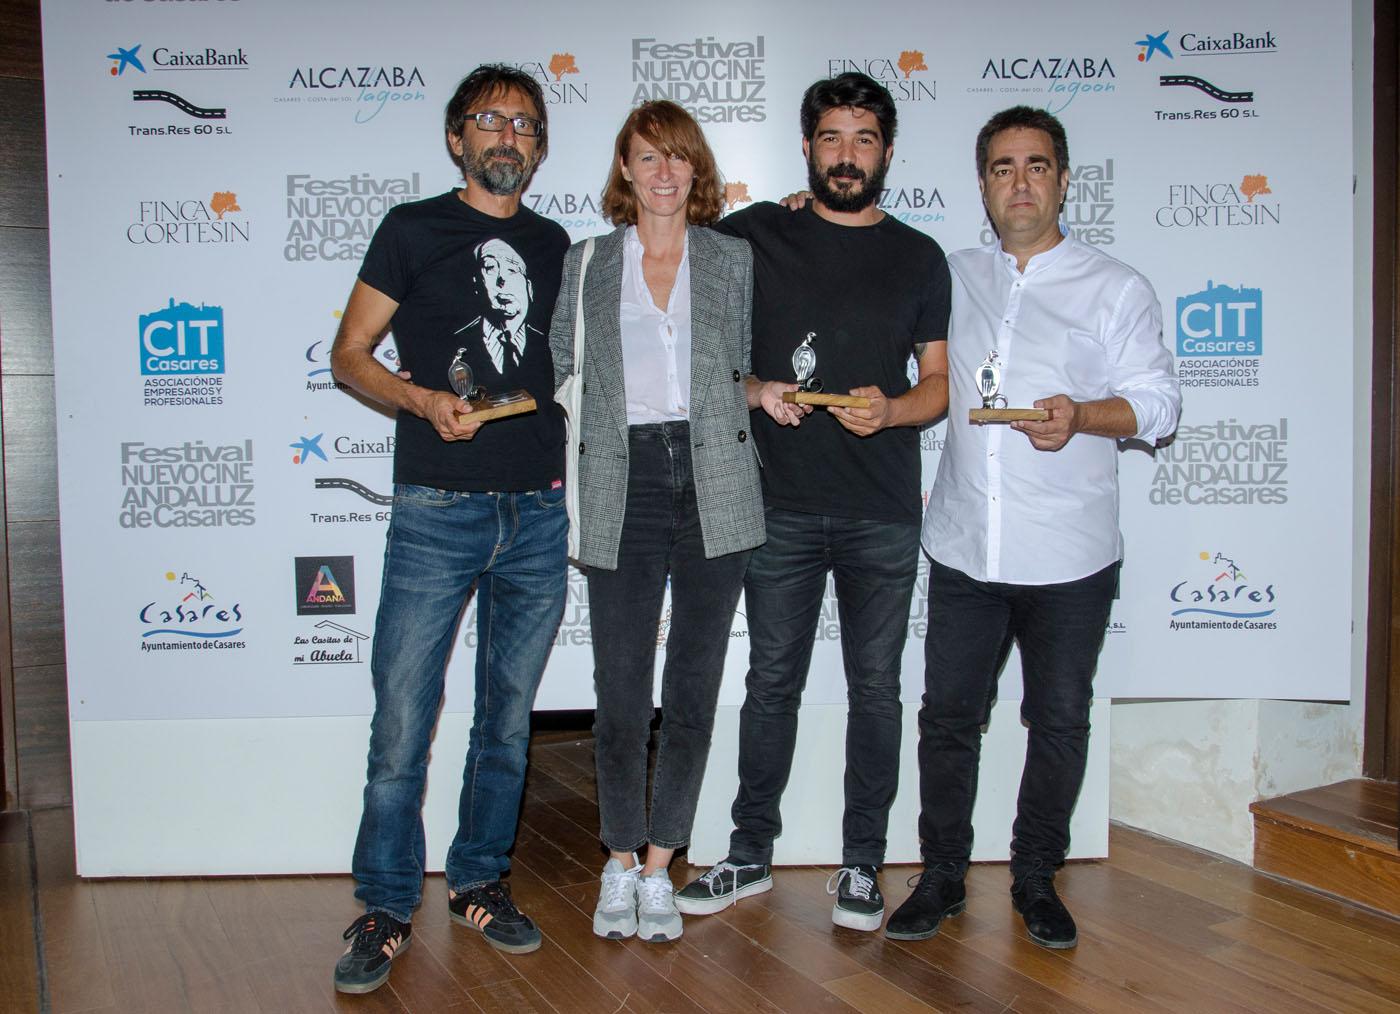 Paco R. Baños, Soledad Villalba, Pablo Macías y Jesús Ponce